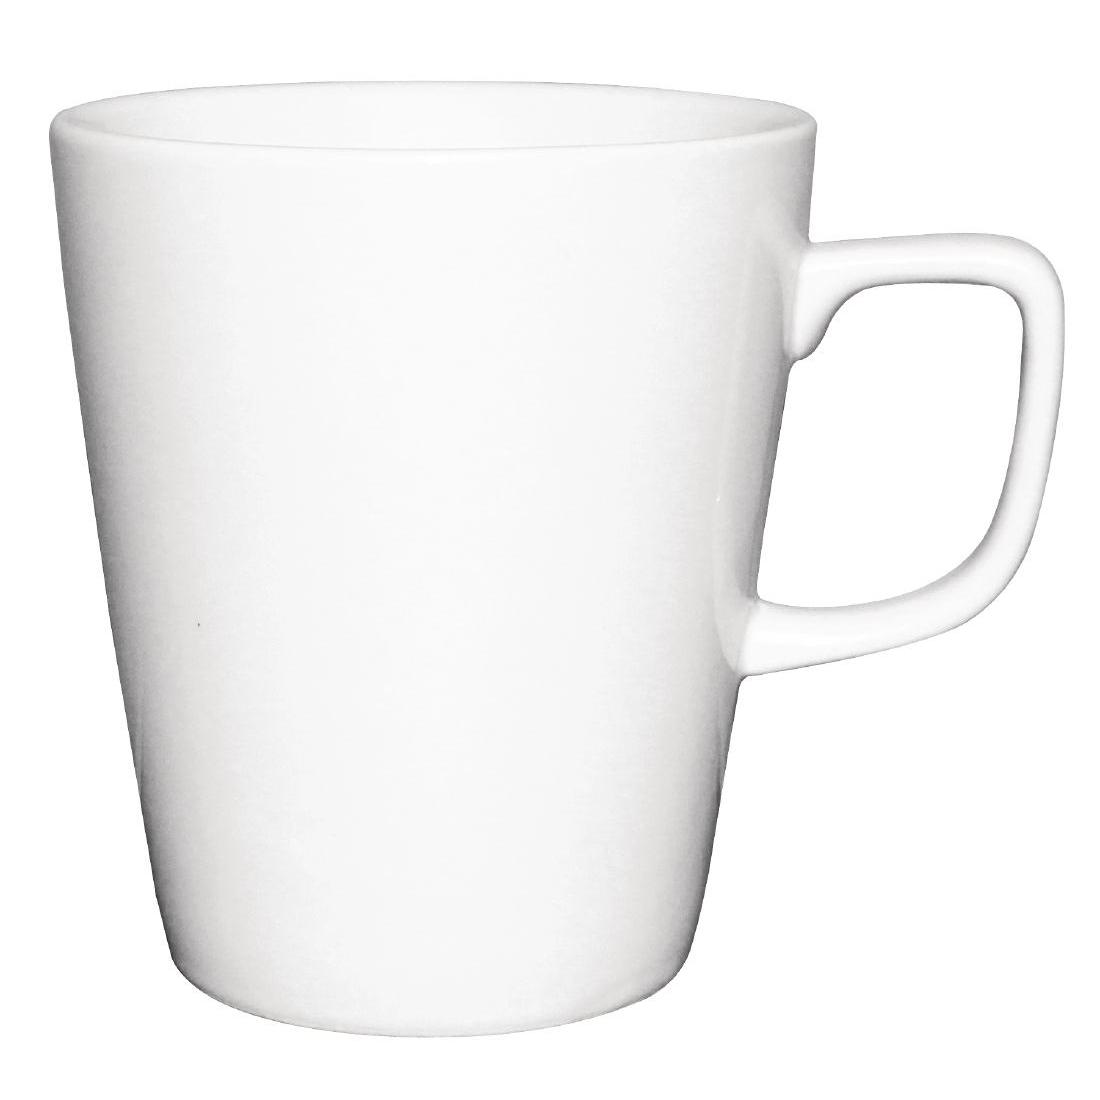 Tasses mugs à café latte Athena Hotelware 397ml par 12